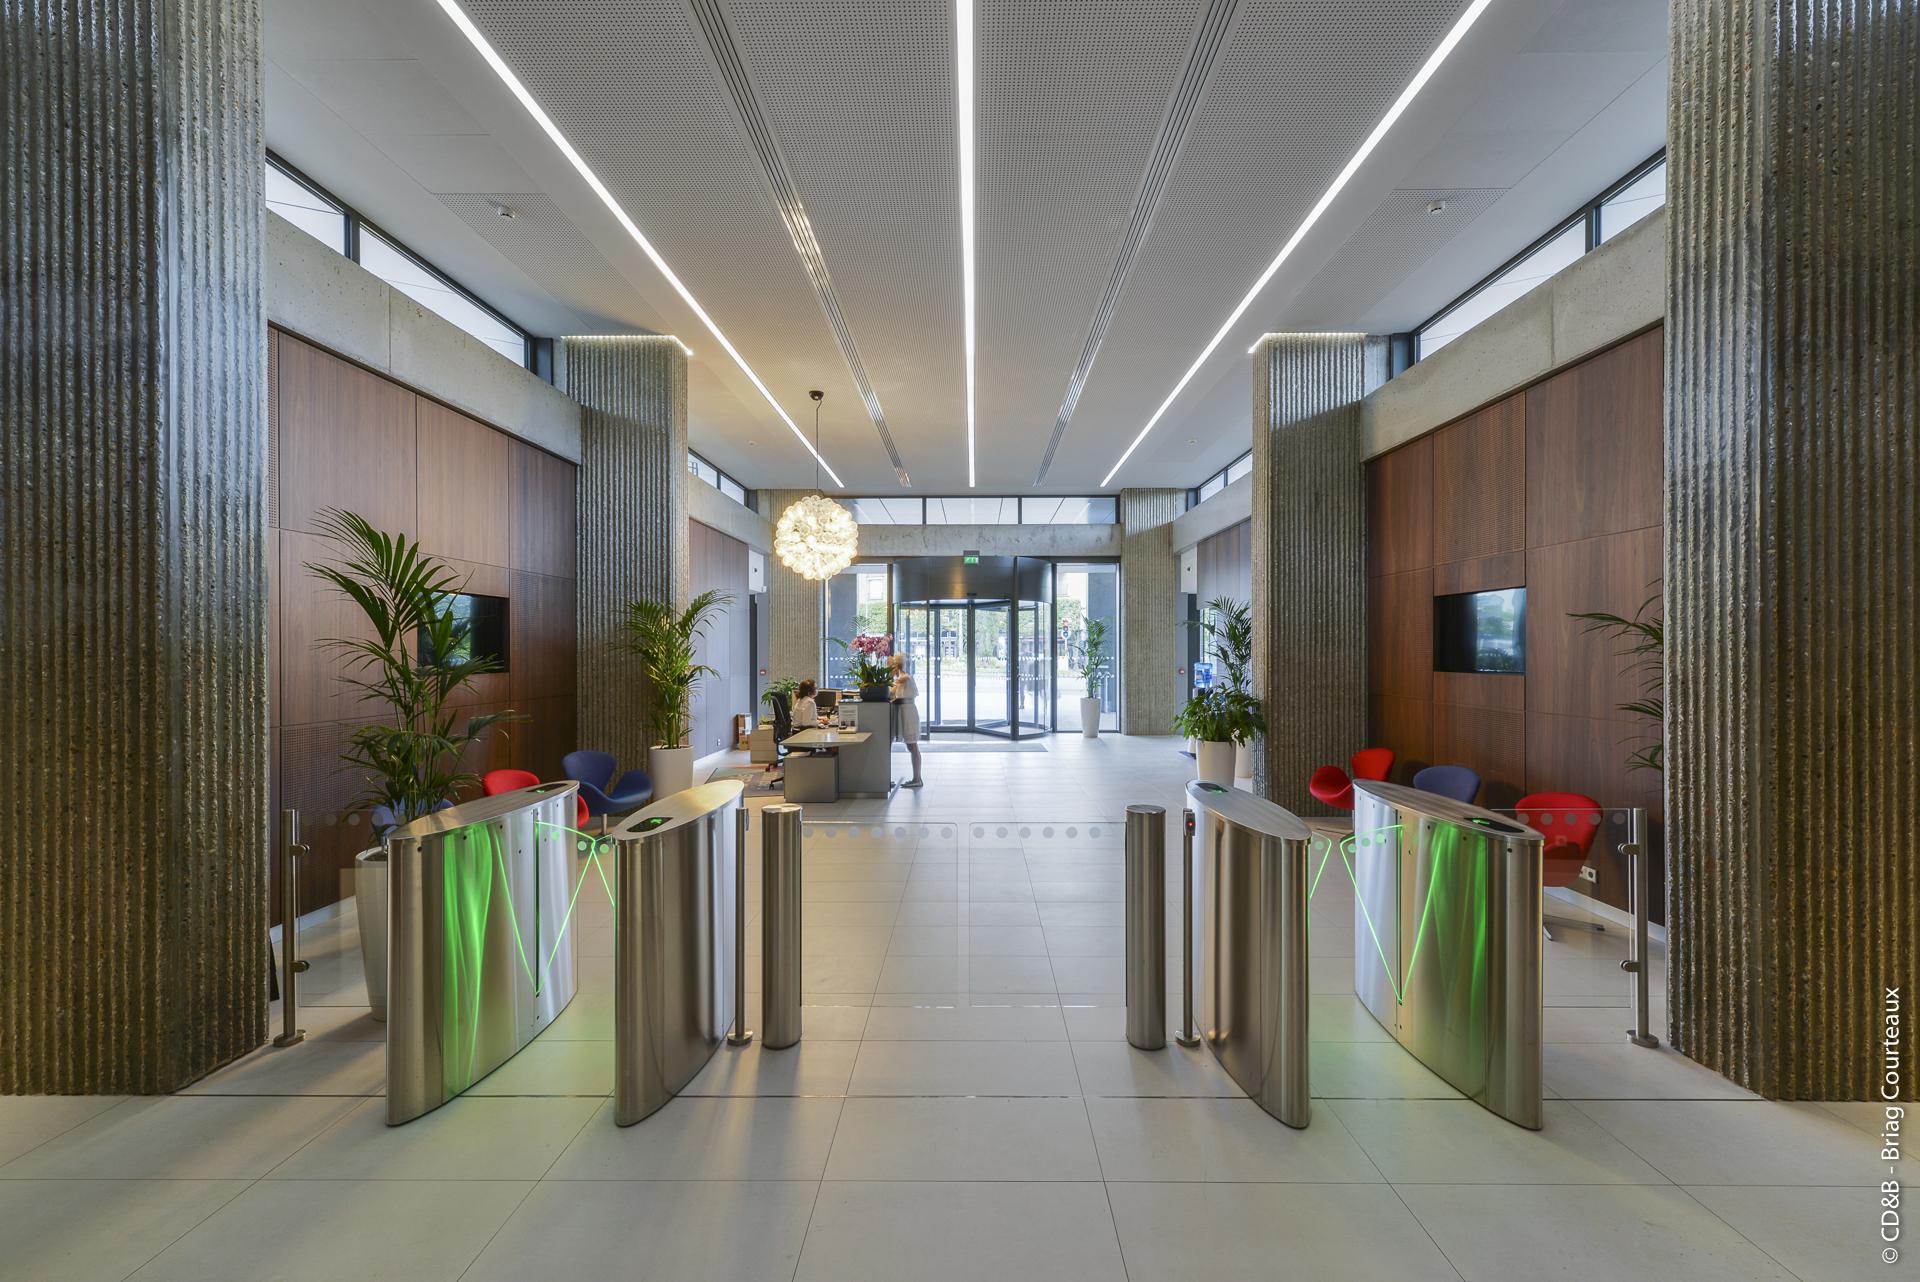 Conseil, aménagement, conception et réalisation des espaces de la société ELIS par CDB, Meet you there.